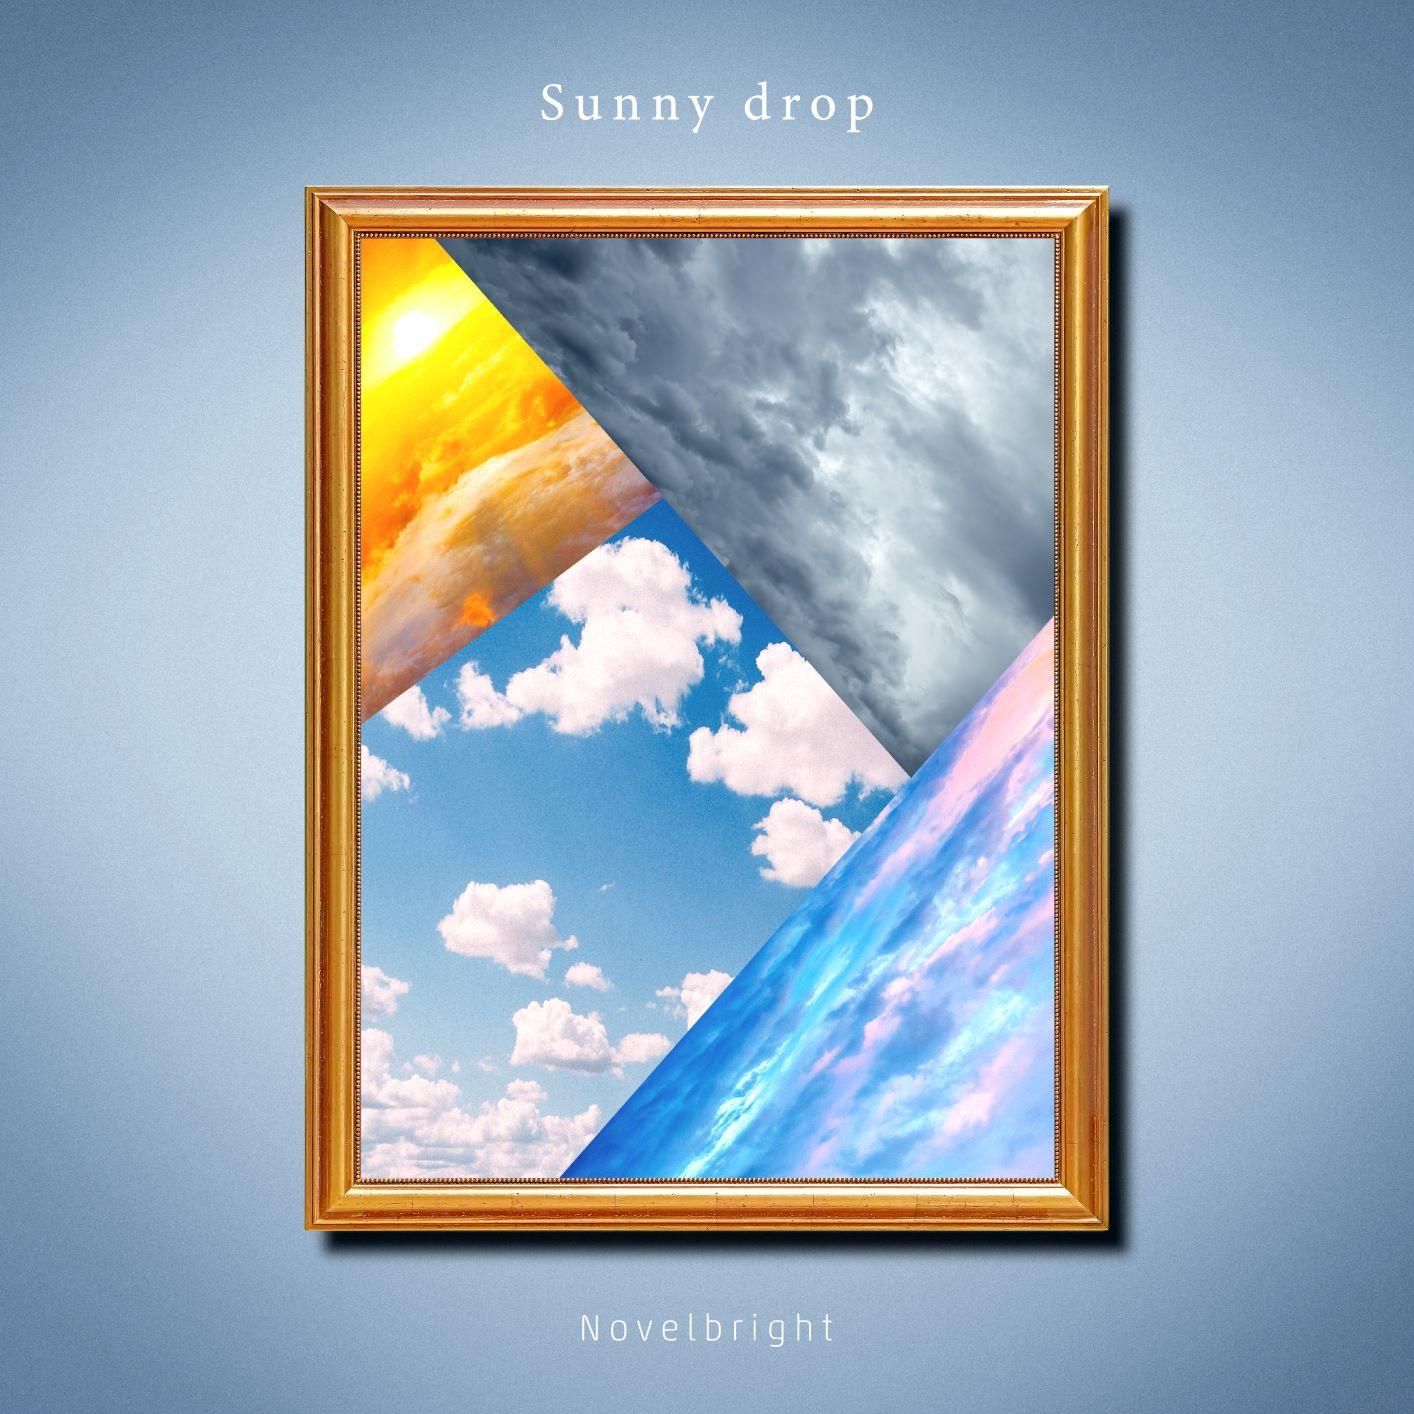 Sunny drop